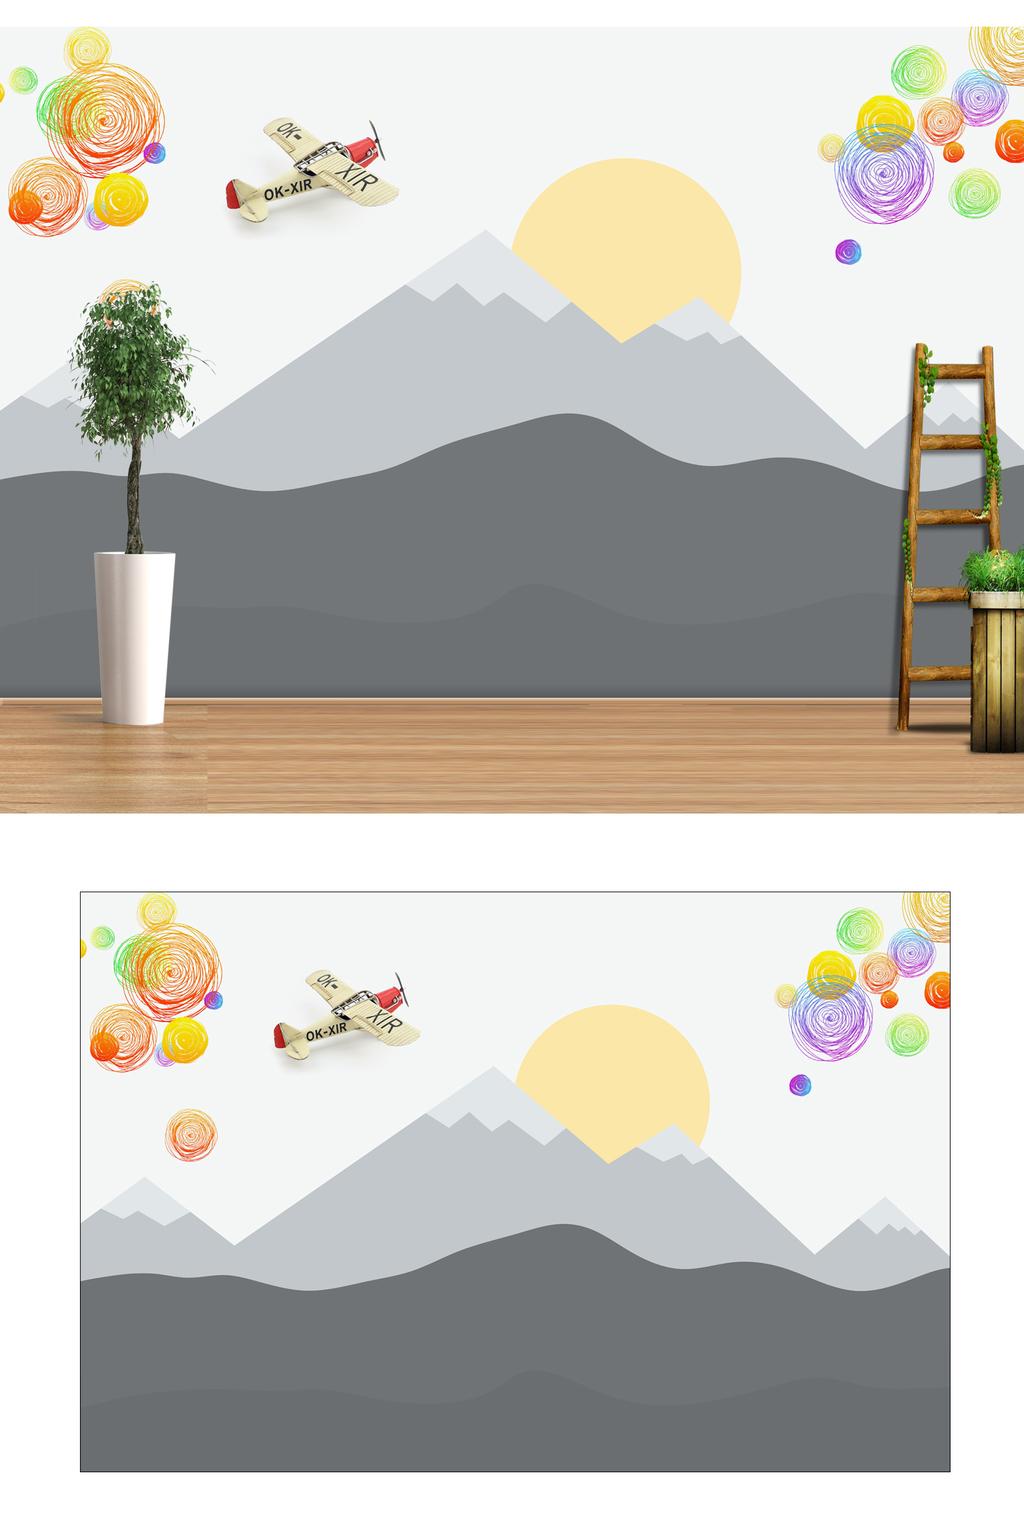 棒棒糖 山水 卡通 儿童房 幼儿园 放飞梦想 彩色涂鸦 远山 黑白山水 图片